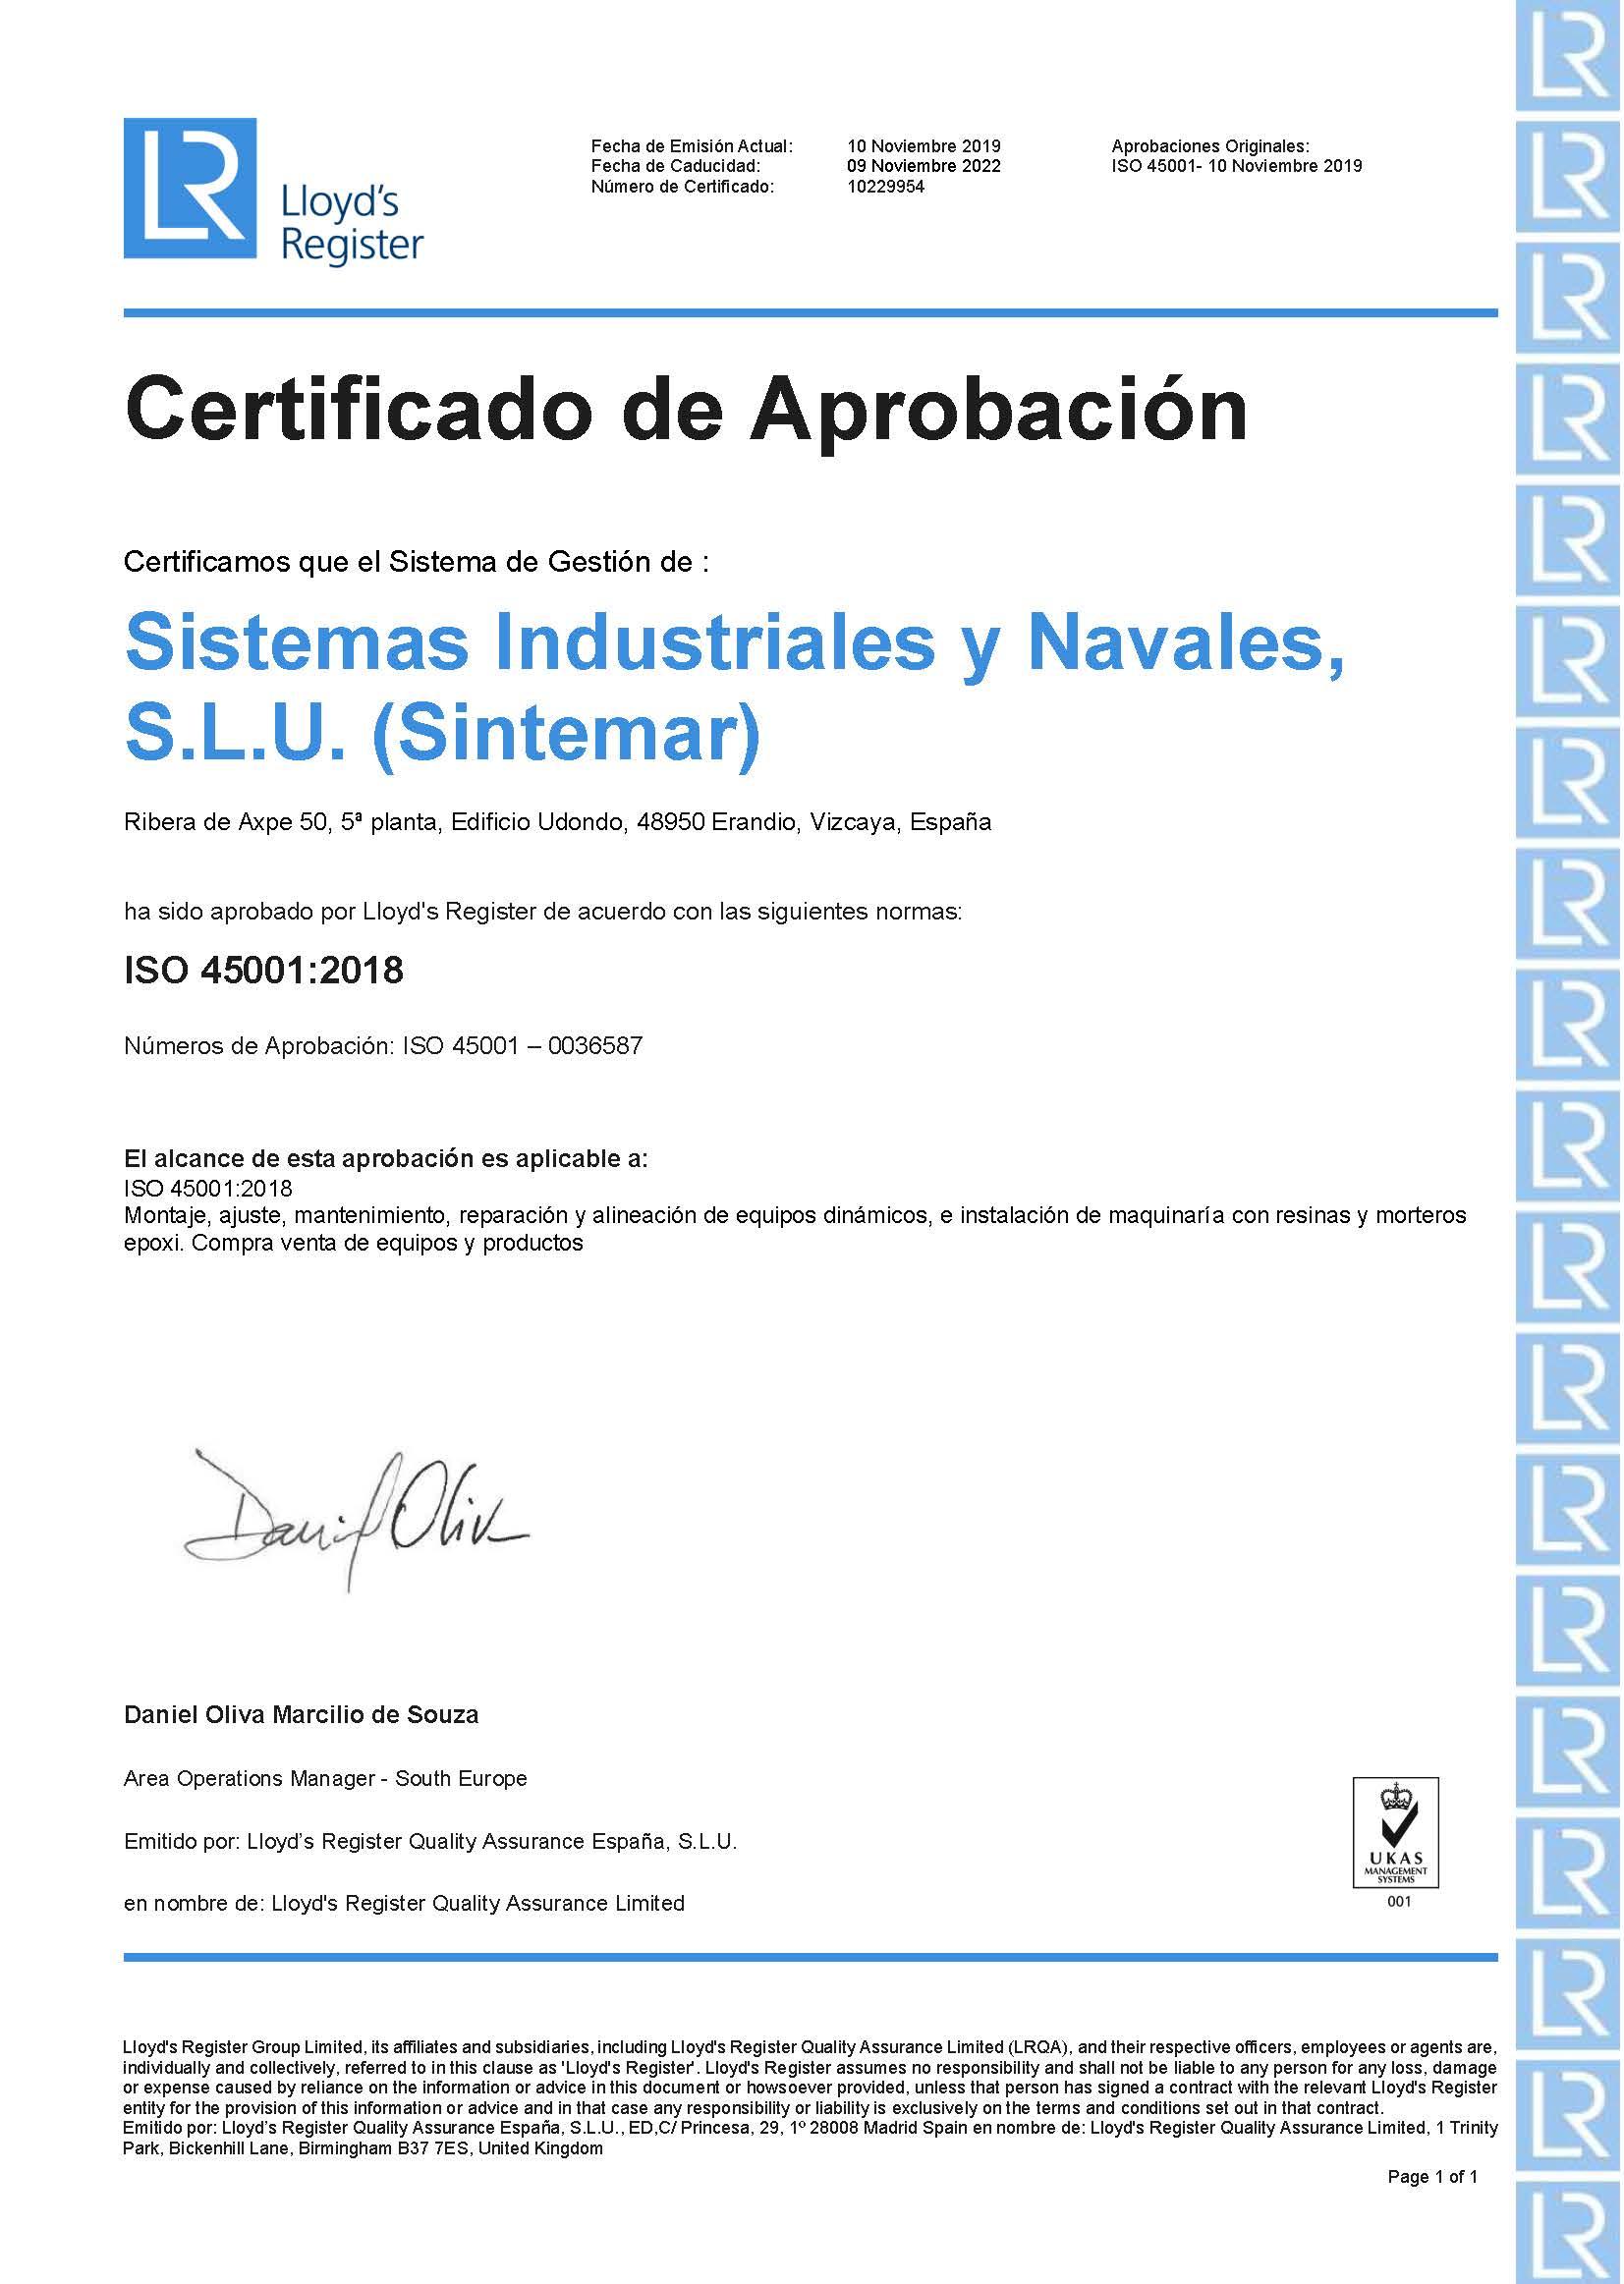 Certificado de aprobación ISO 45001:2018 (Gestión de salud y seguridad laboral)